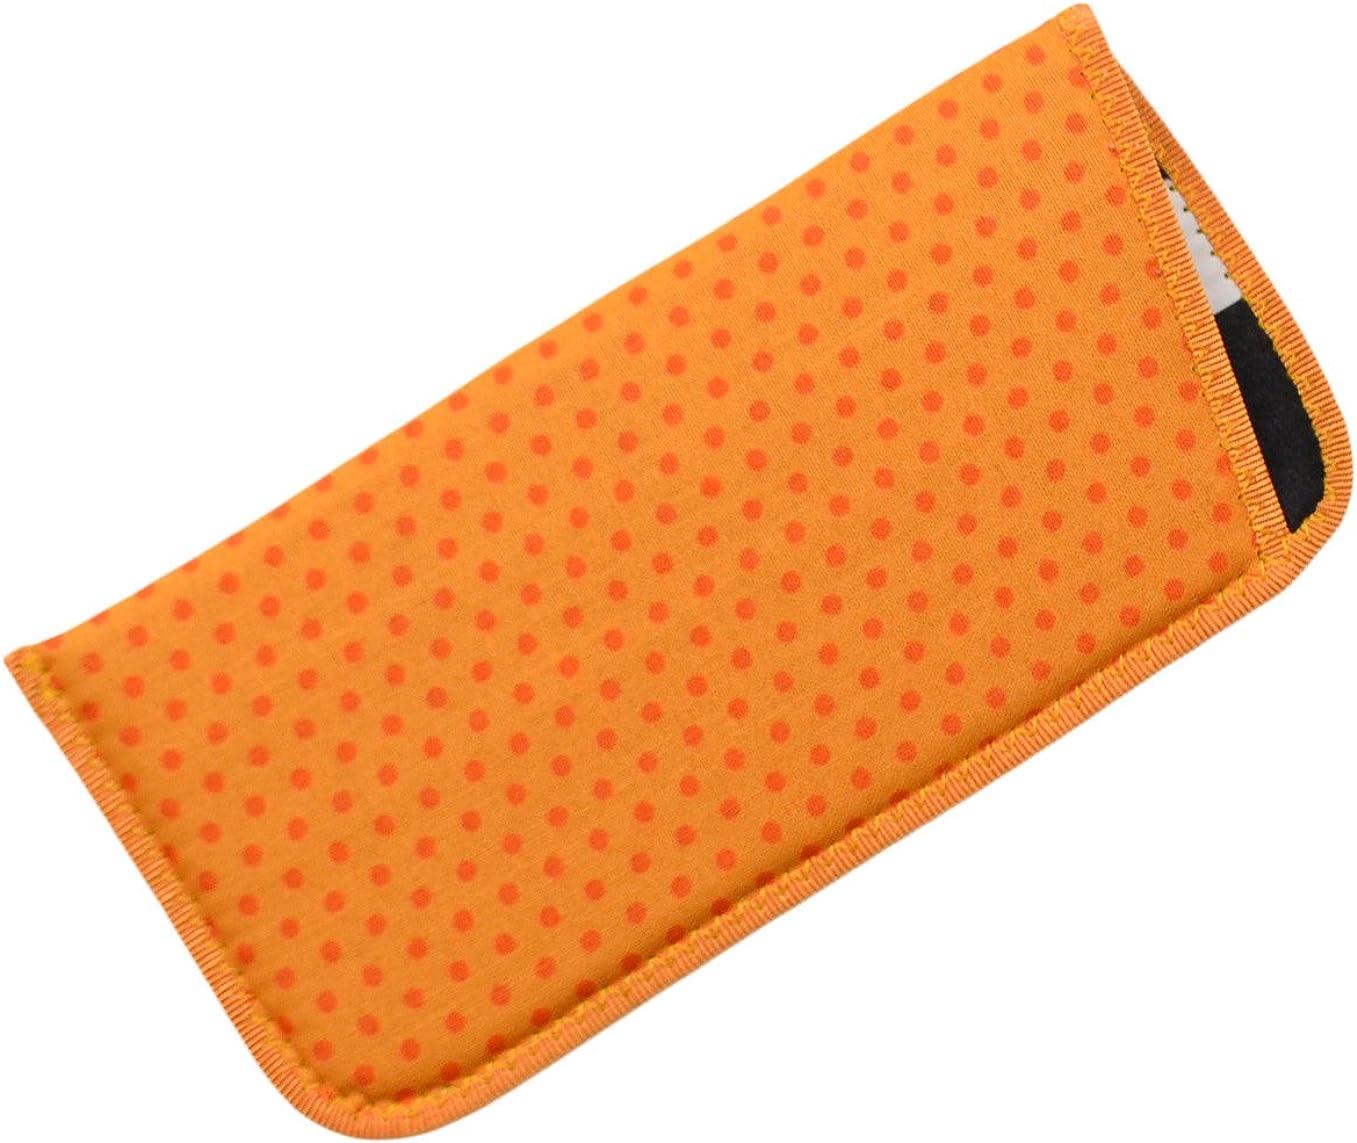 Polka Dot Eyeglass Slip Case Blue Green Orange Pink Purple Yellow USA Made